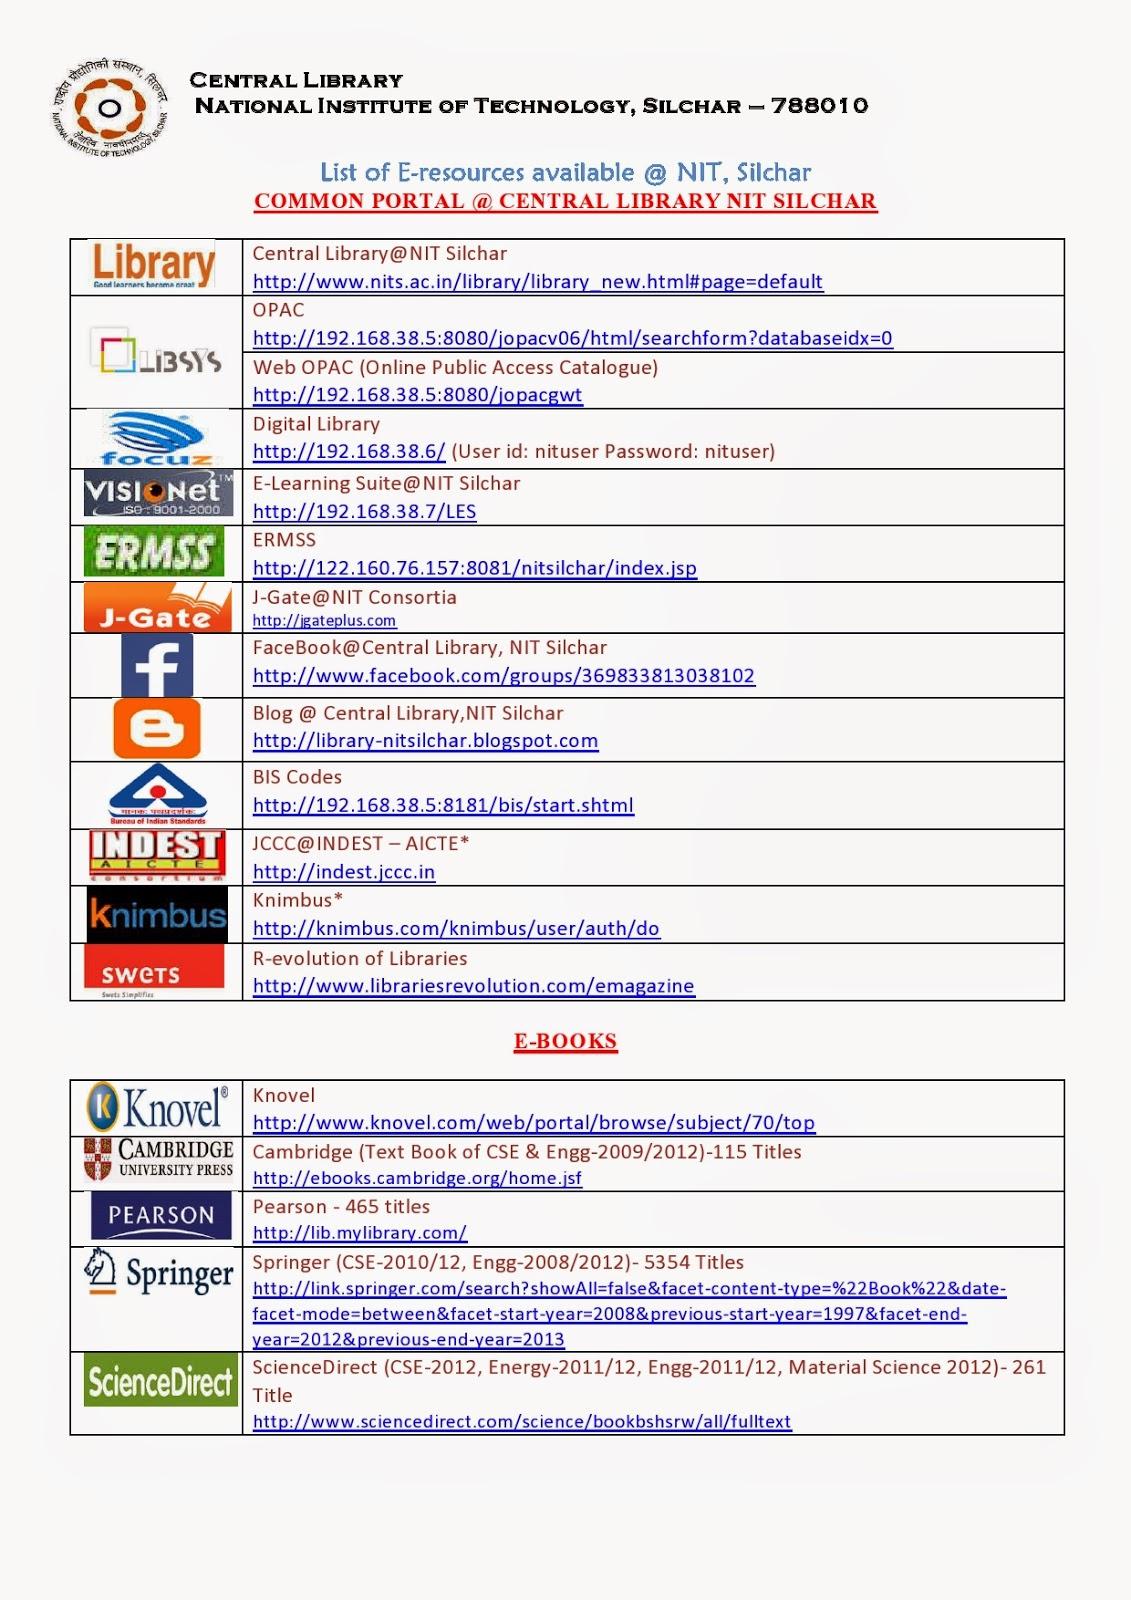 Library@NIT Silchar: September 2014